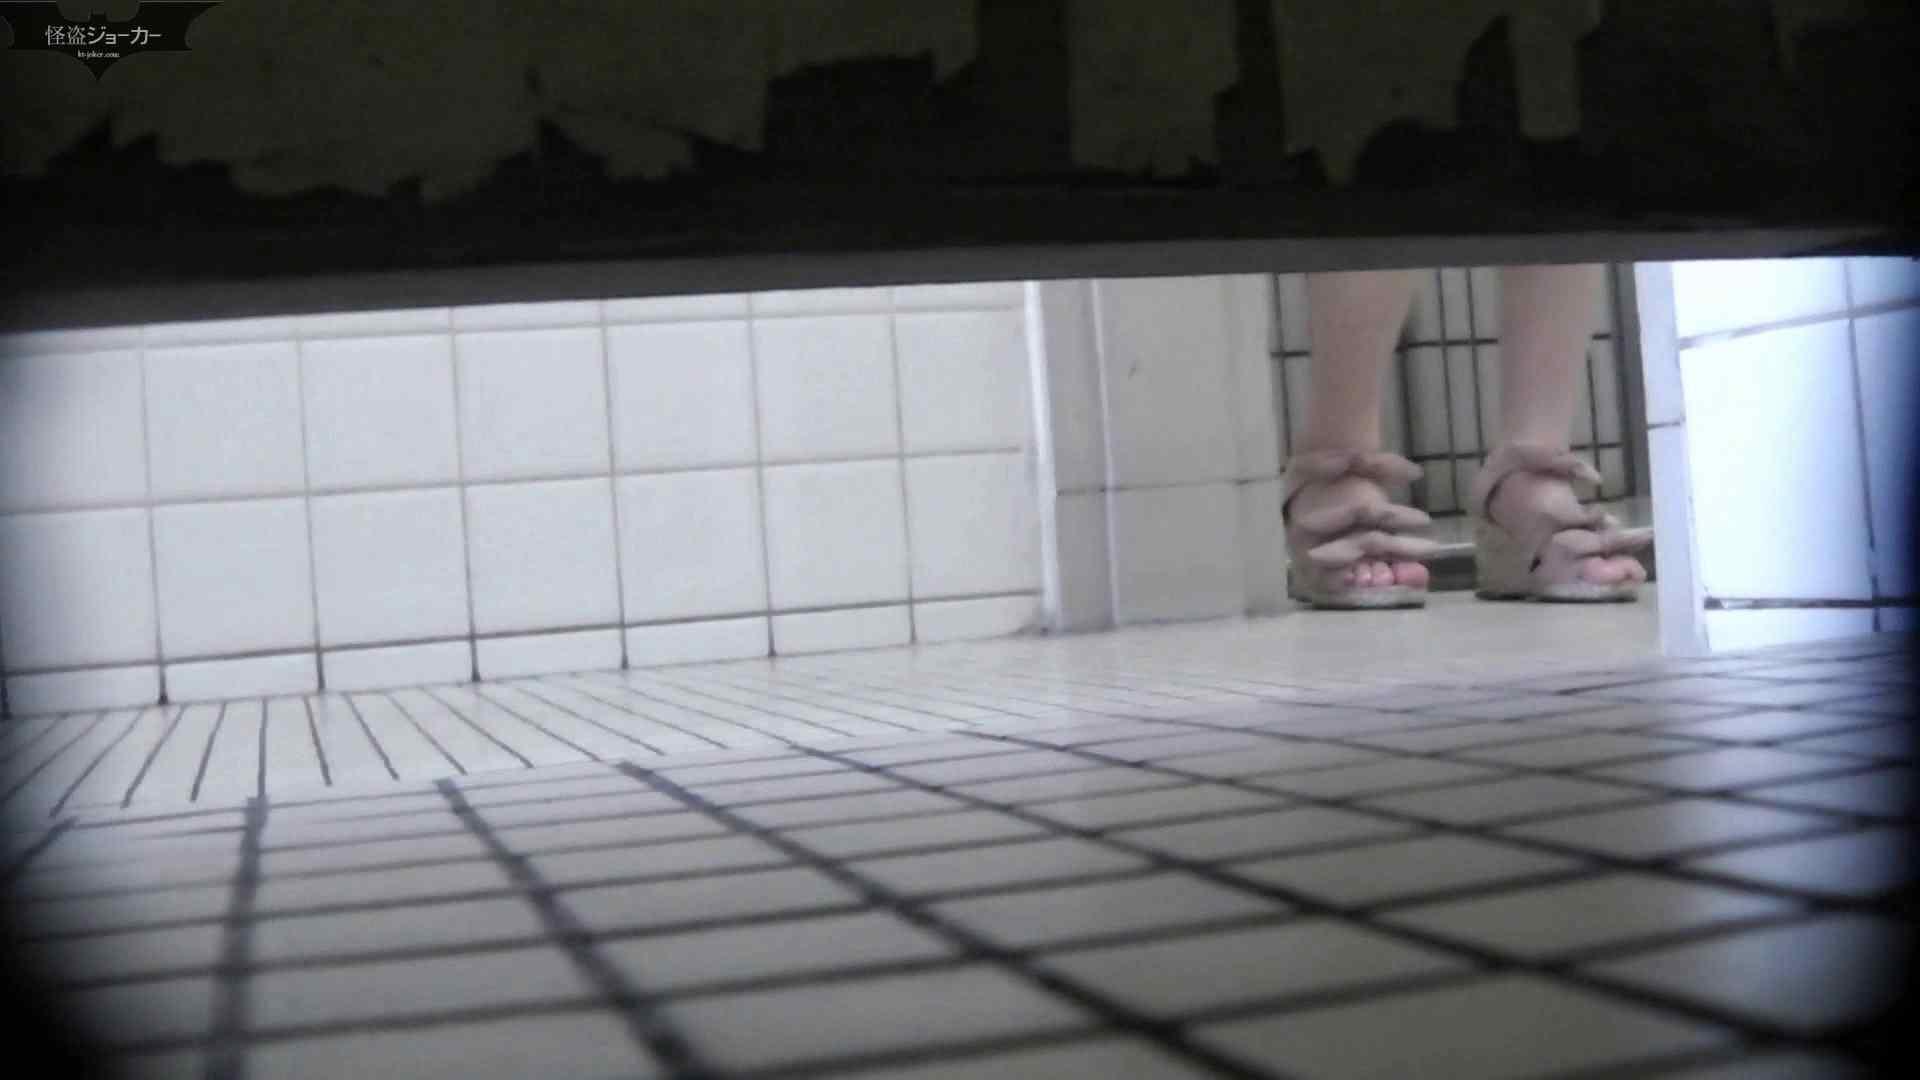 【美しき個室な世界】洗面所特攻隊 vol.051 洗面所  72PIX 50